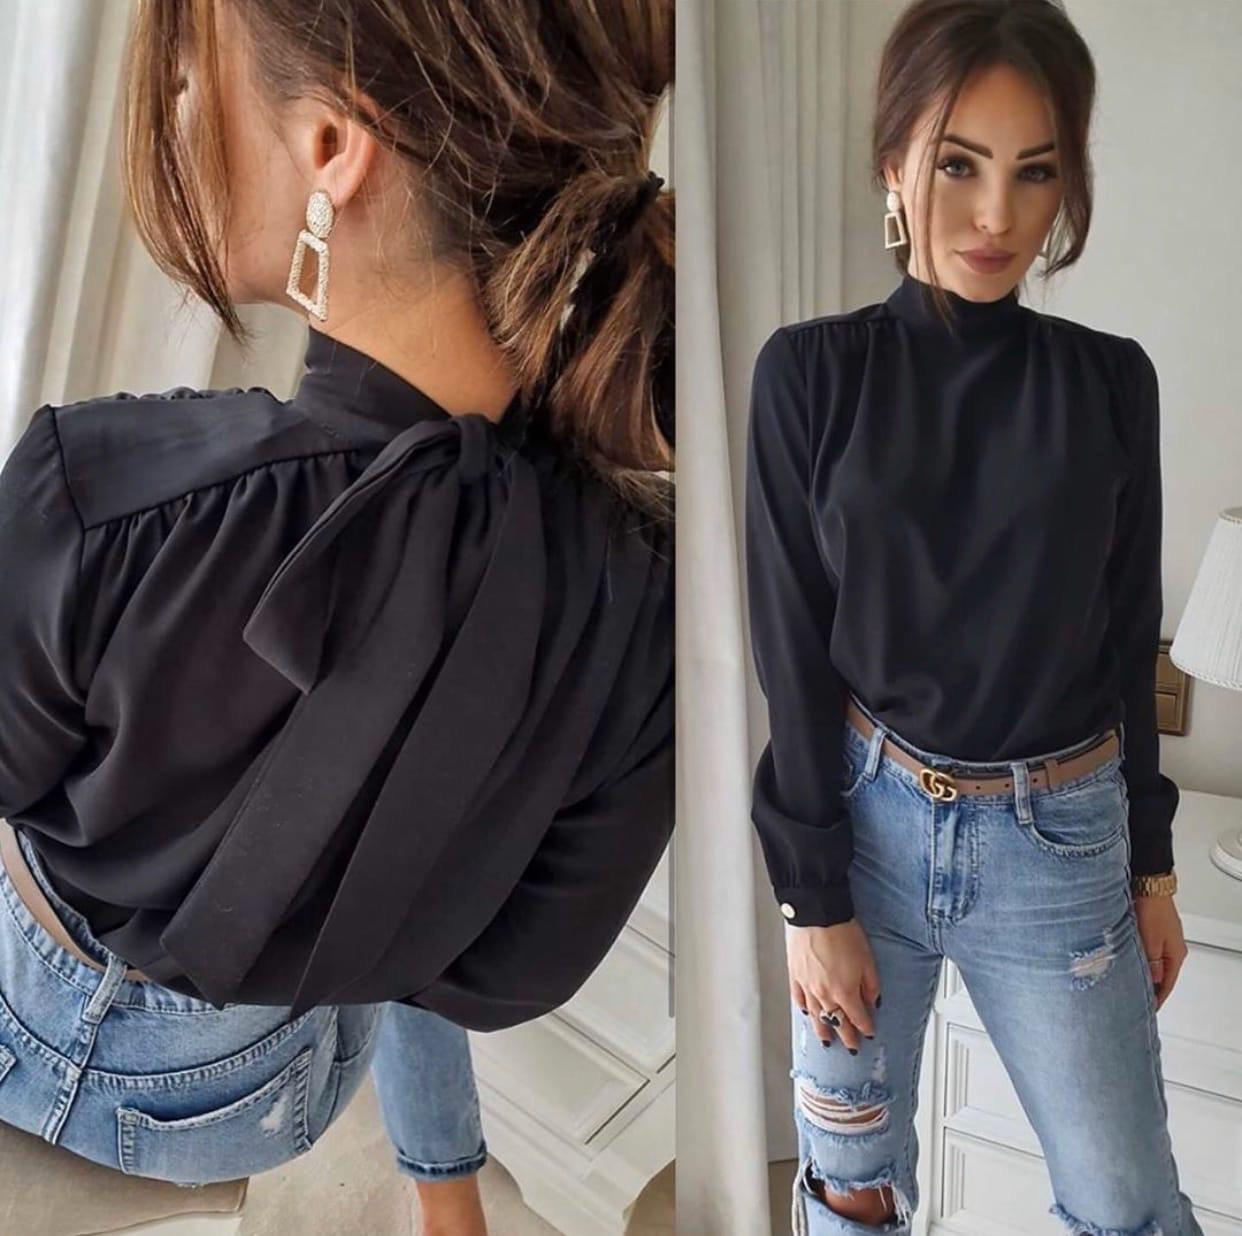 Рубашка женская нарядная блузка размеры 42 44 46 Новинка 2020 есть цвета